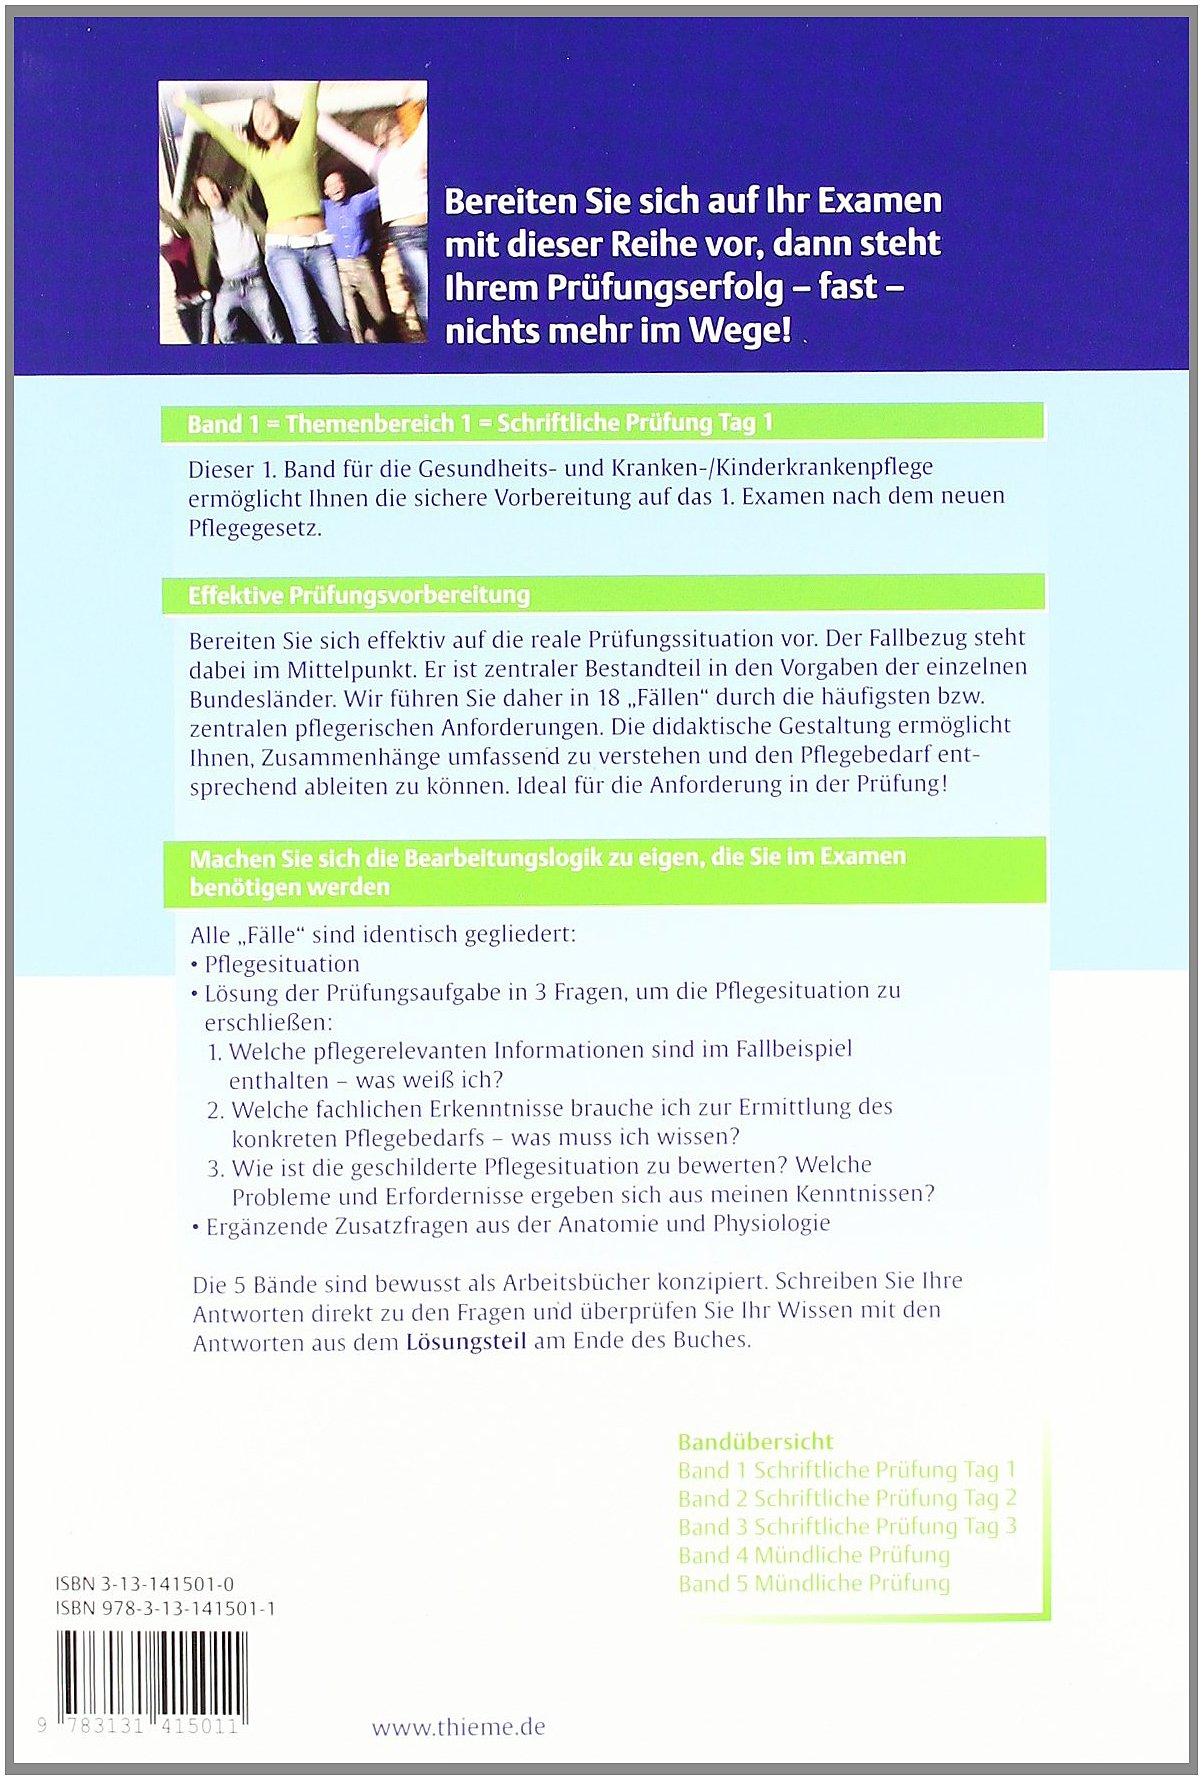 Wunderbar Anatomie Und Physiologie Labor Antworten Galerie ...